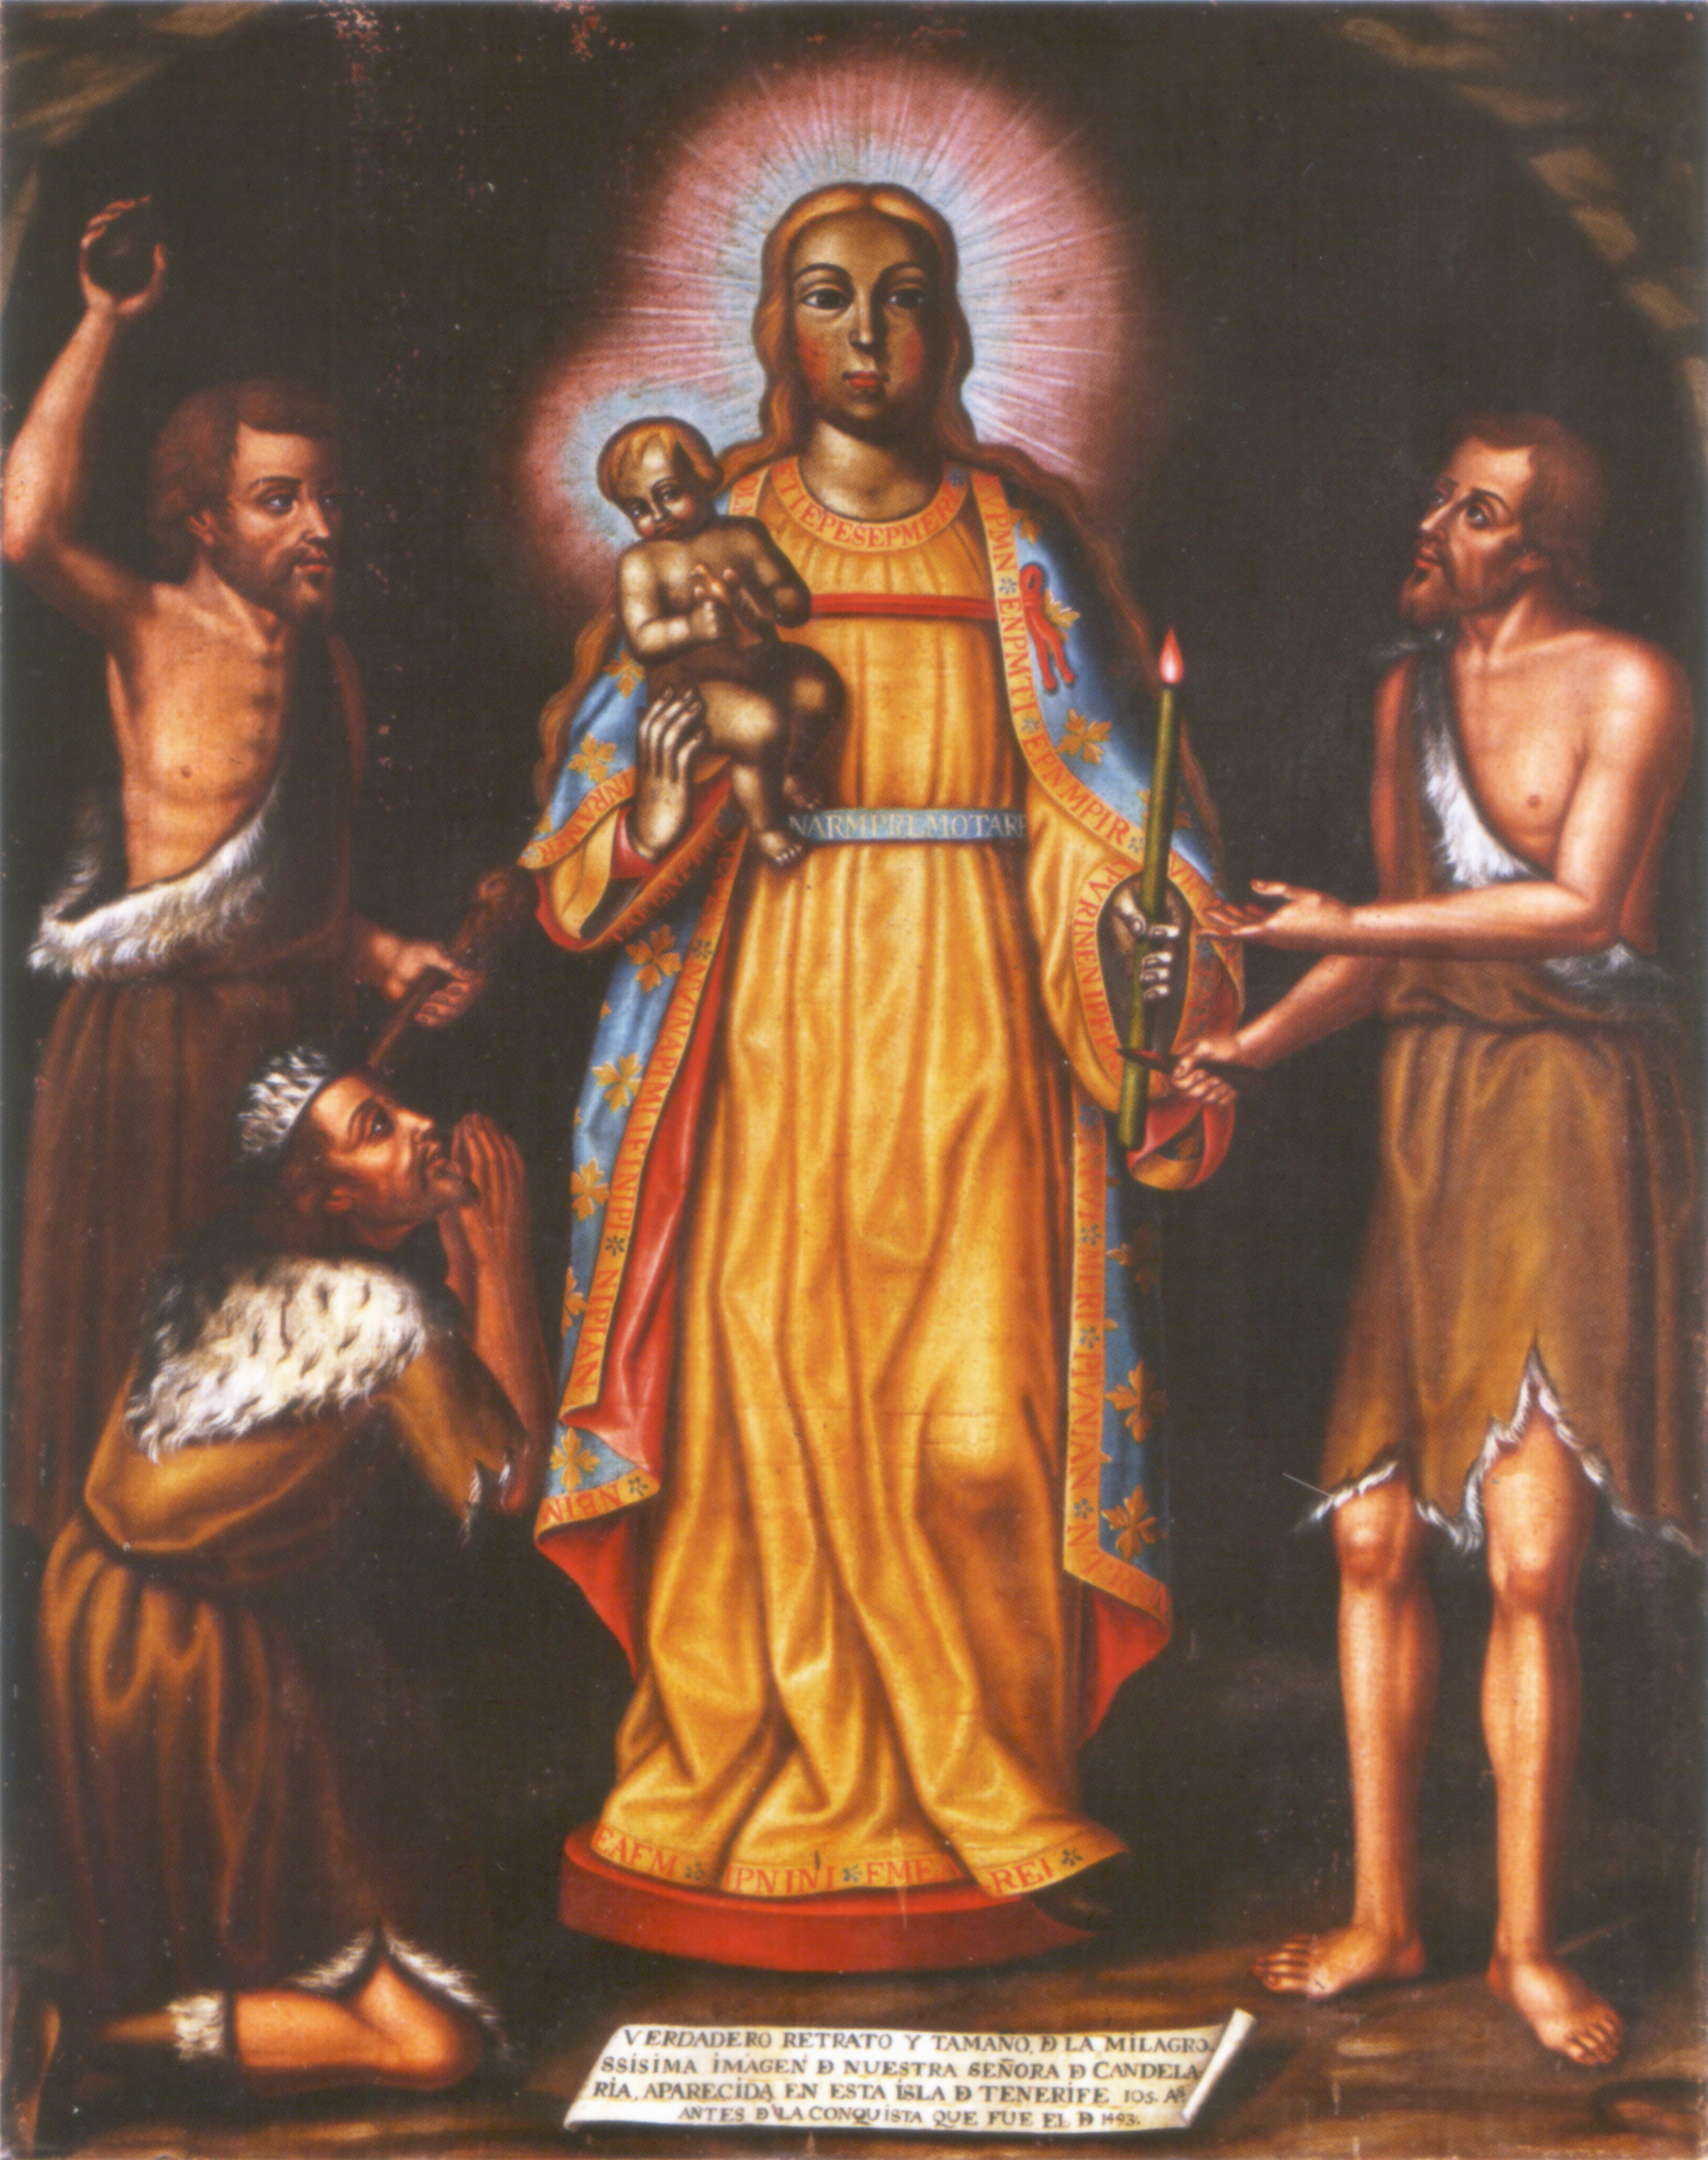 Virgen de la Candelaria de Islas Canarias, presidió la Colonización de América, España (2 feb, 15 ago)